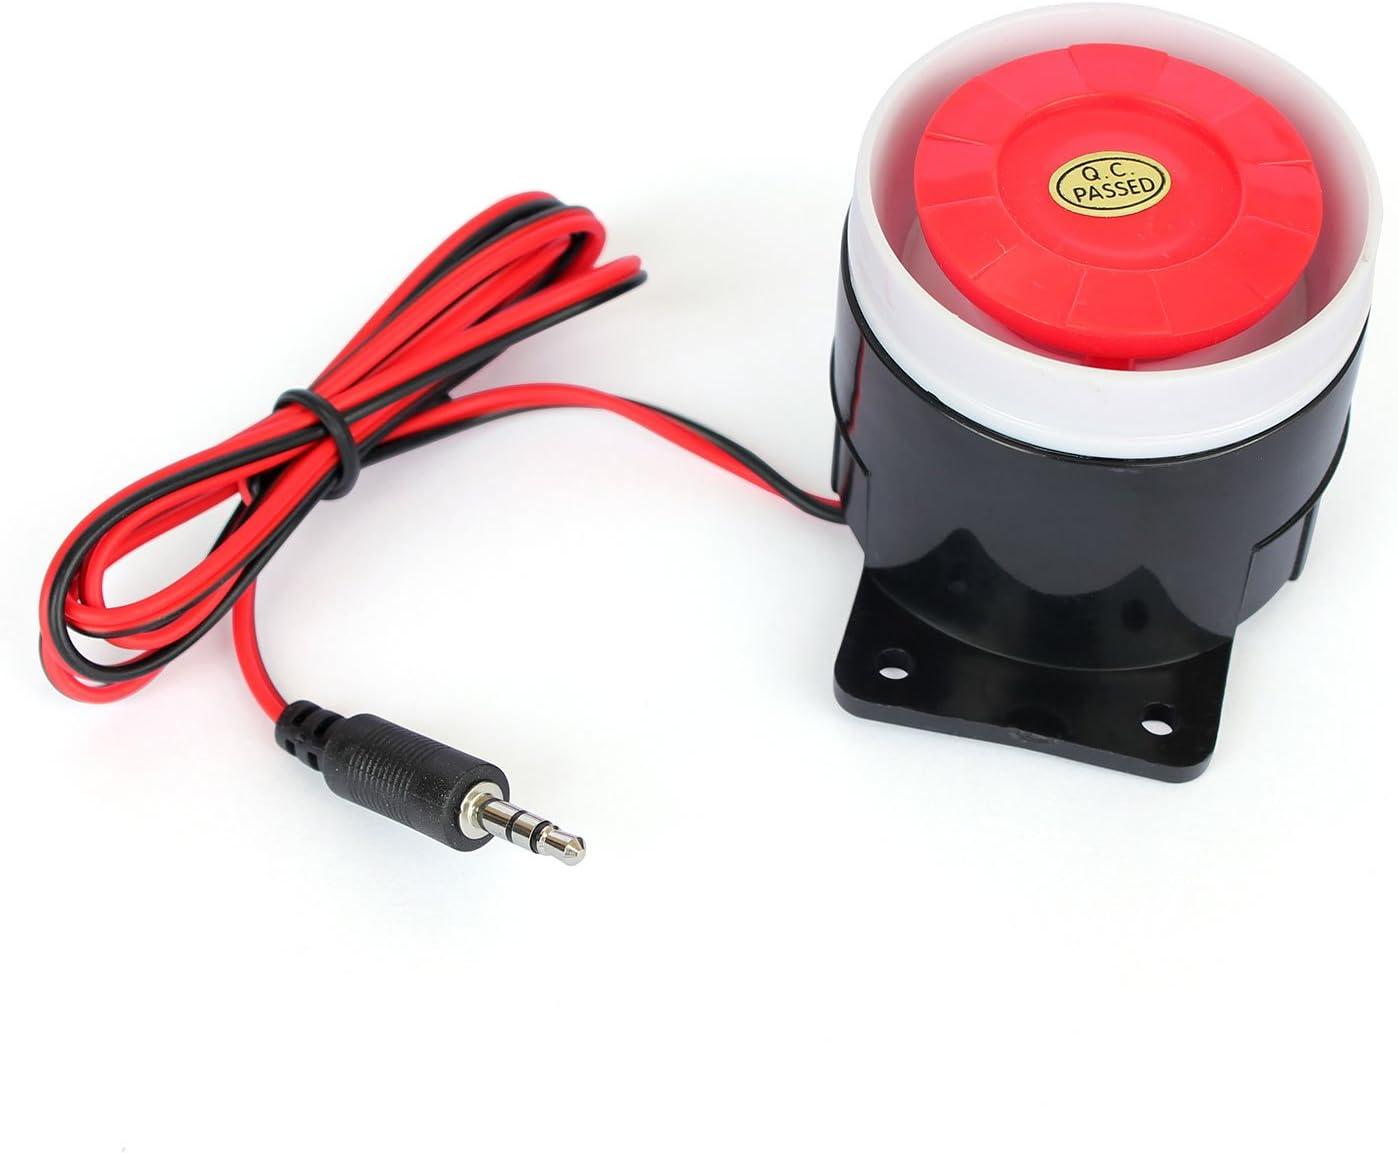 Ytian Home Safe Alarm 120db Sirène d'intérieur pour Alarme GSM avec  connecteur Jack 3,5 mm: Amazon.fr: High-tech